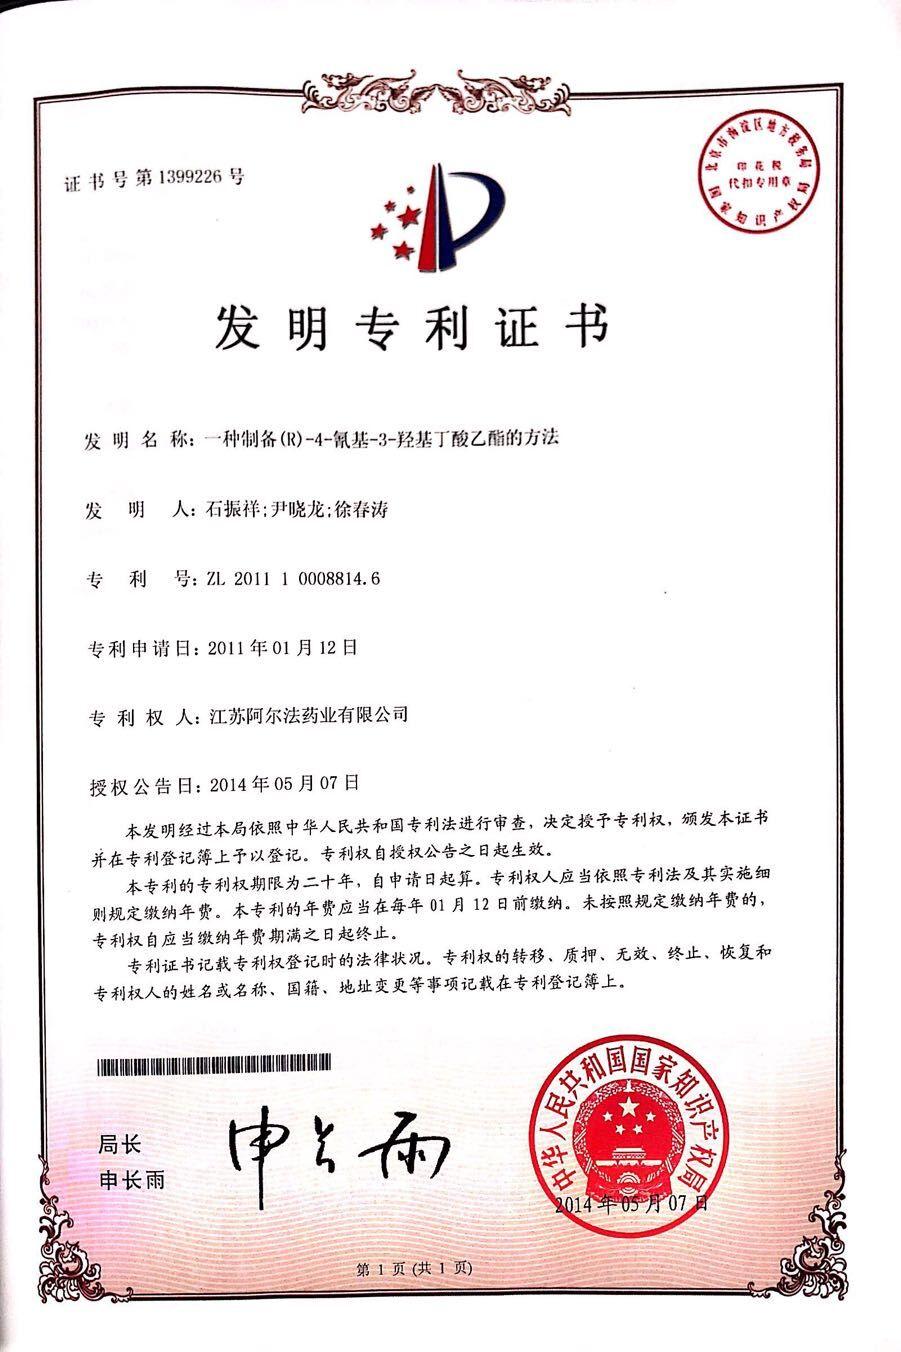 荣誉-专利-5.一种制备-R-4-氰基-3-羟基丁酸乙酯的方法